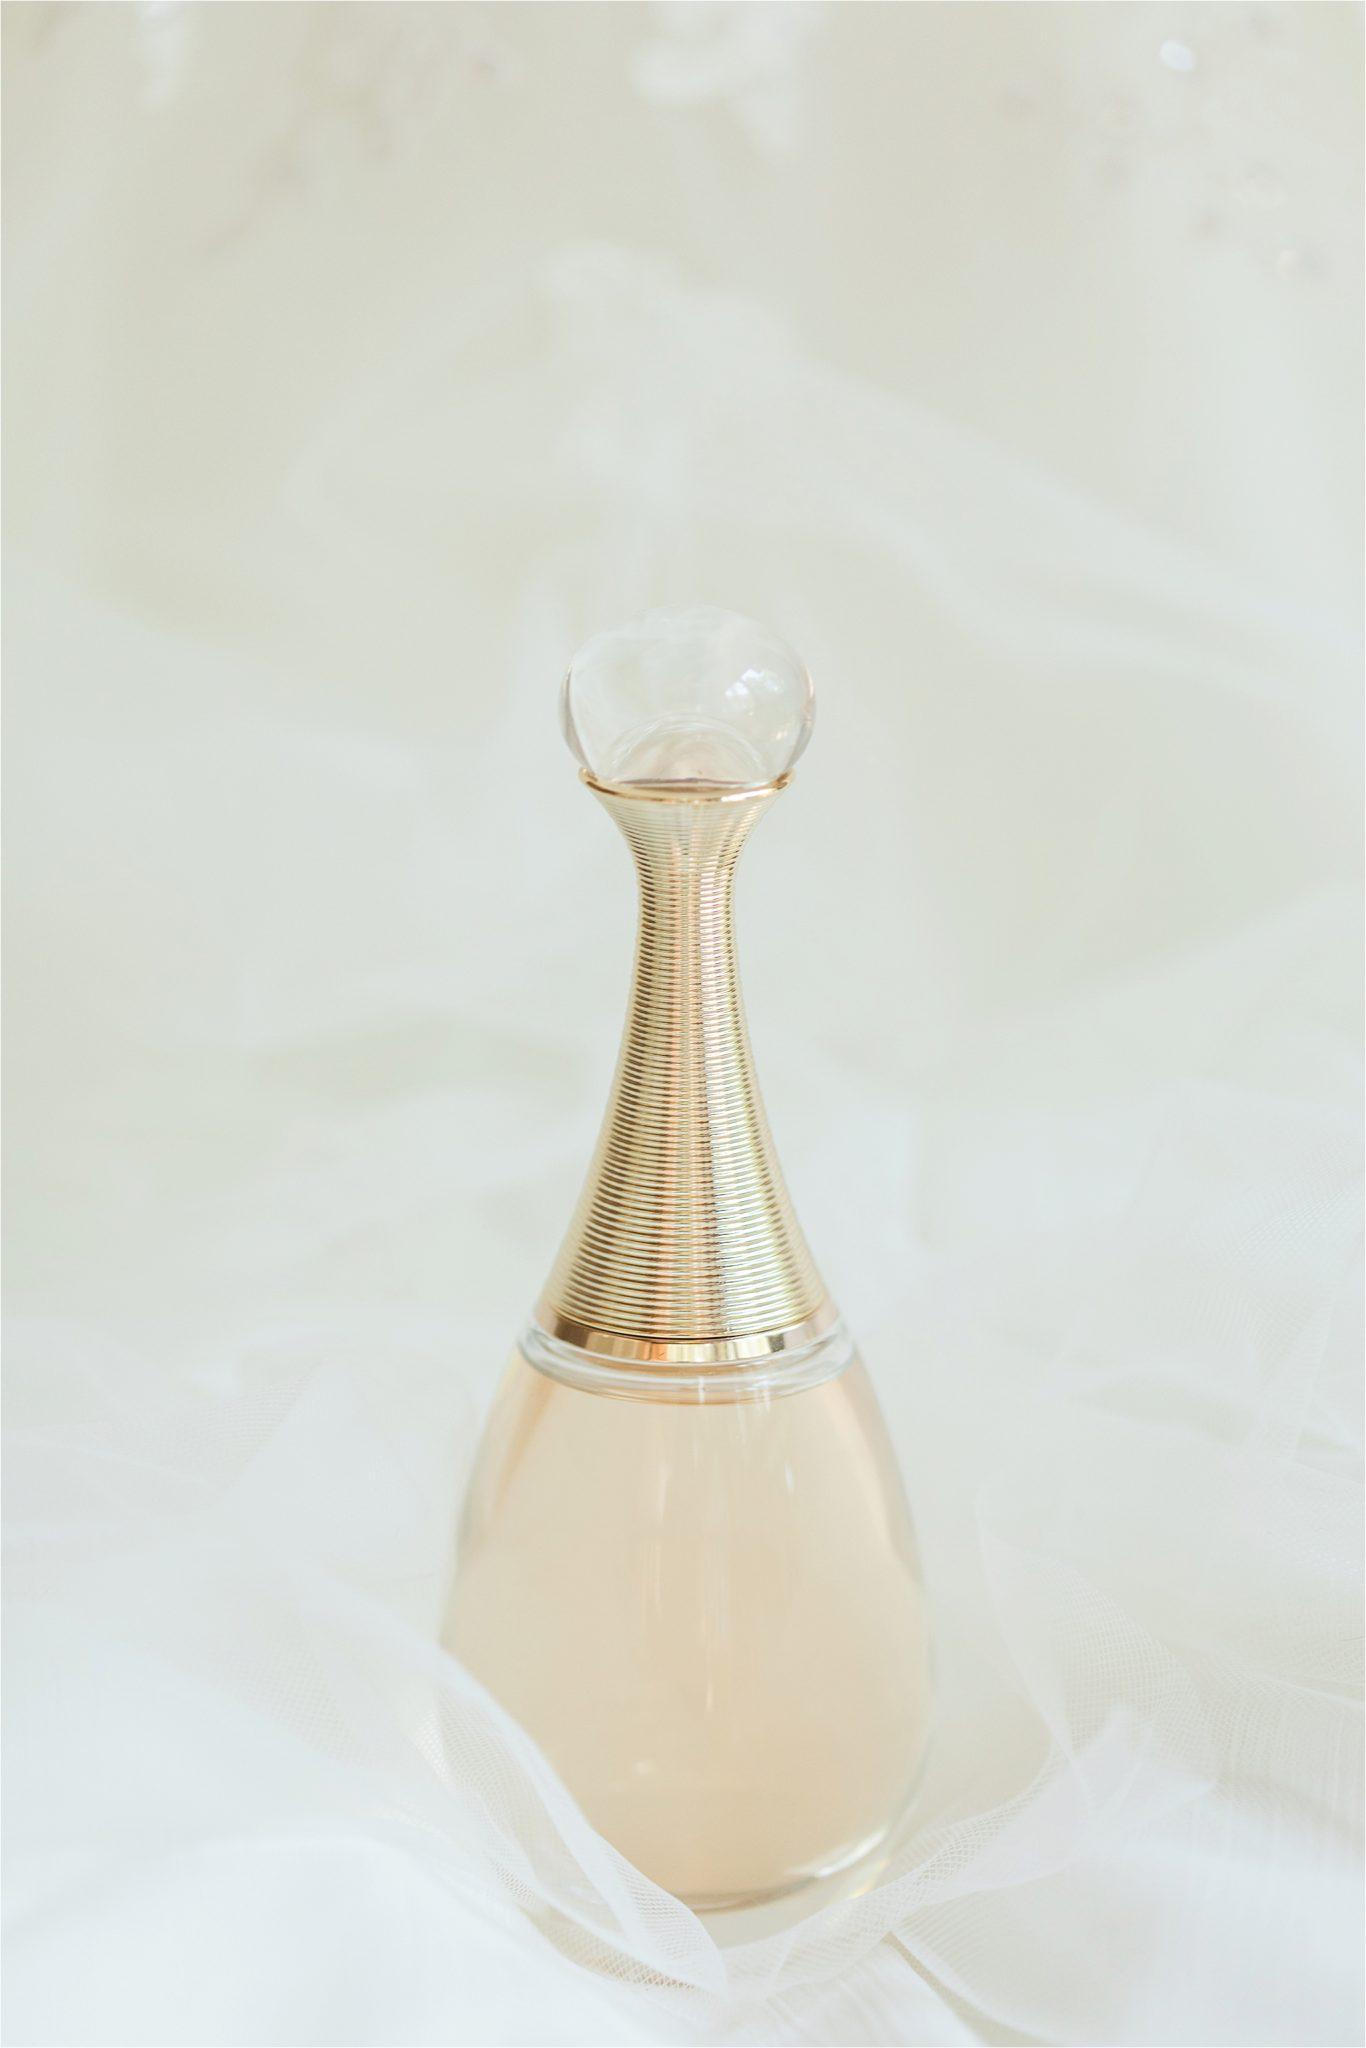 Bridal perfume-parfume-beautiful perfume bottle-modern shape-alabama wedding photographer